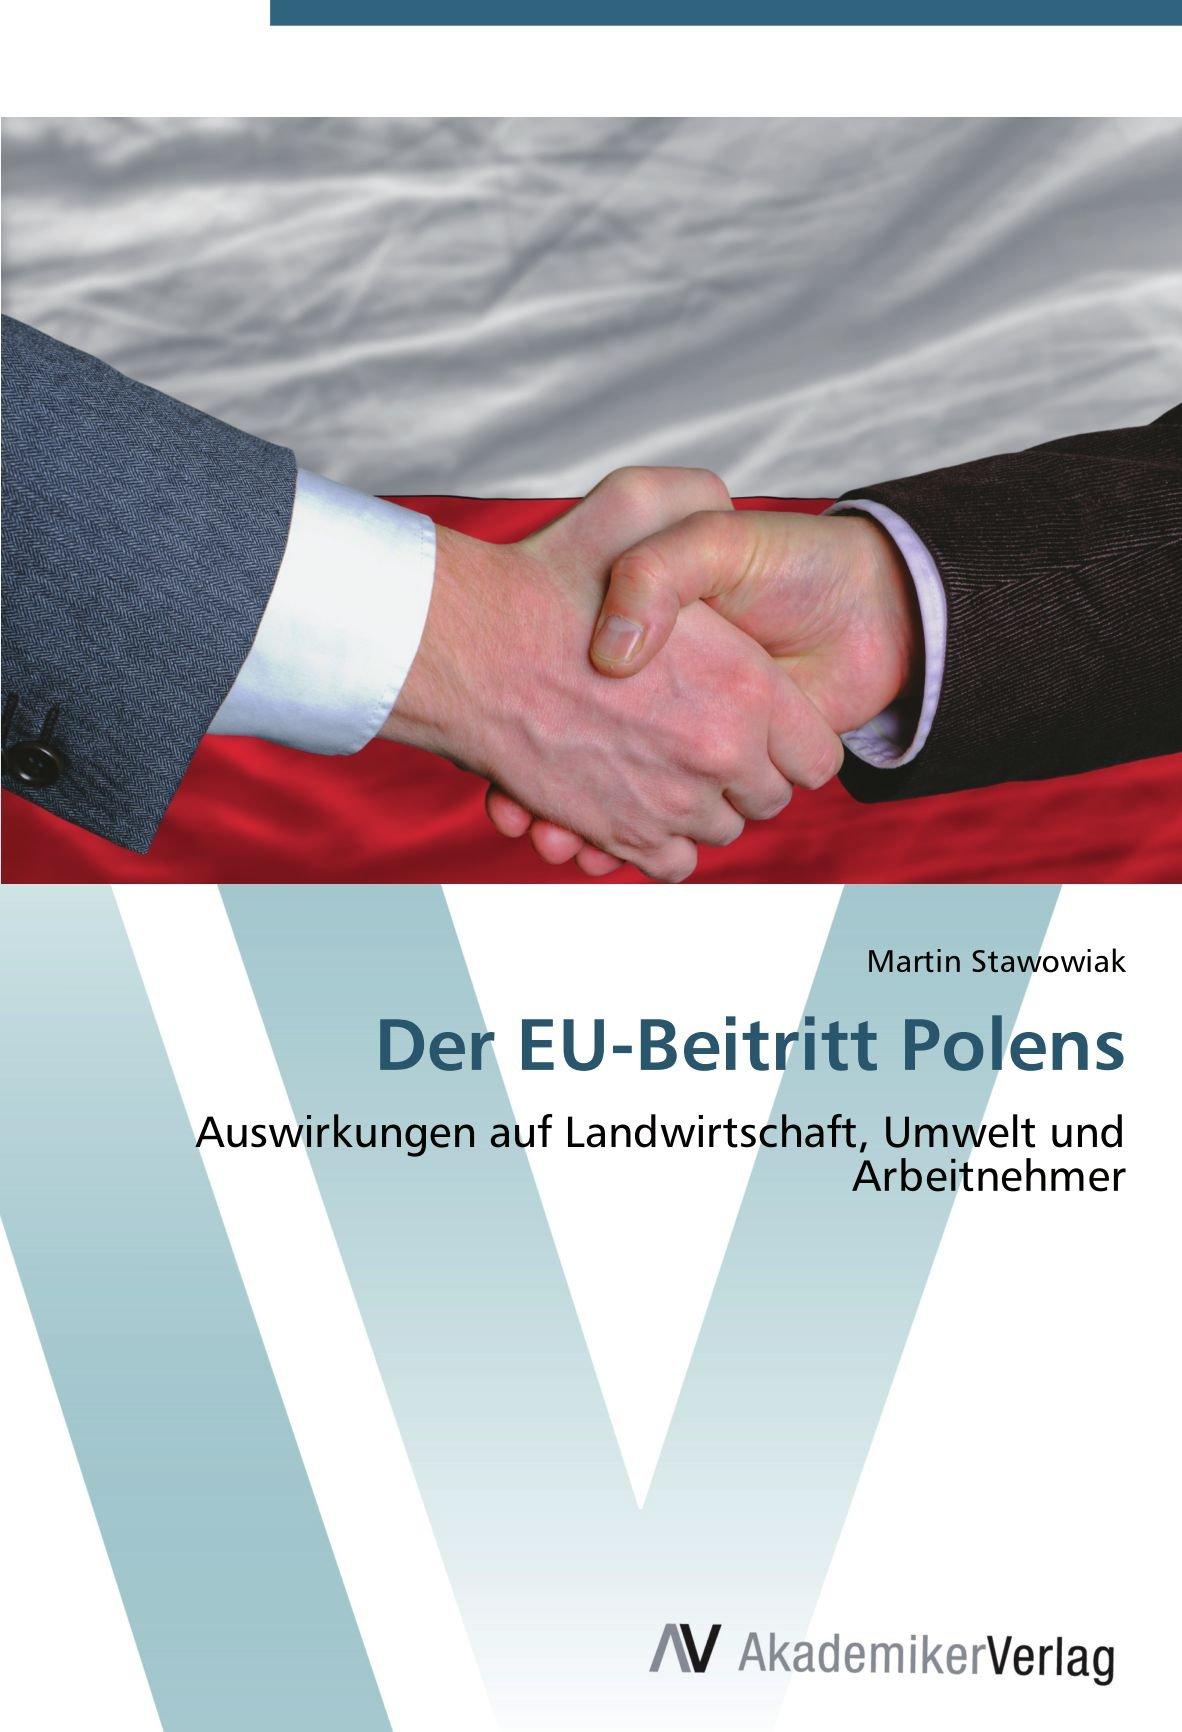 Read Online Der EU-Beitritt Polens: Auswirkungen auf Landwirtschaft, Umwelt und Arbeitnehmer (German Edition) PDF